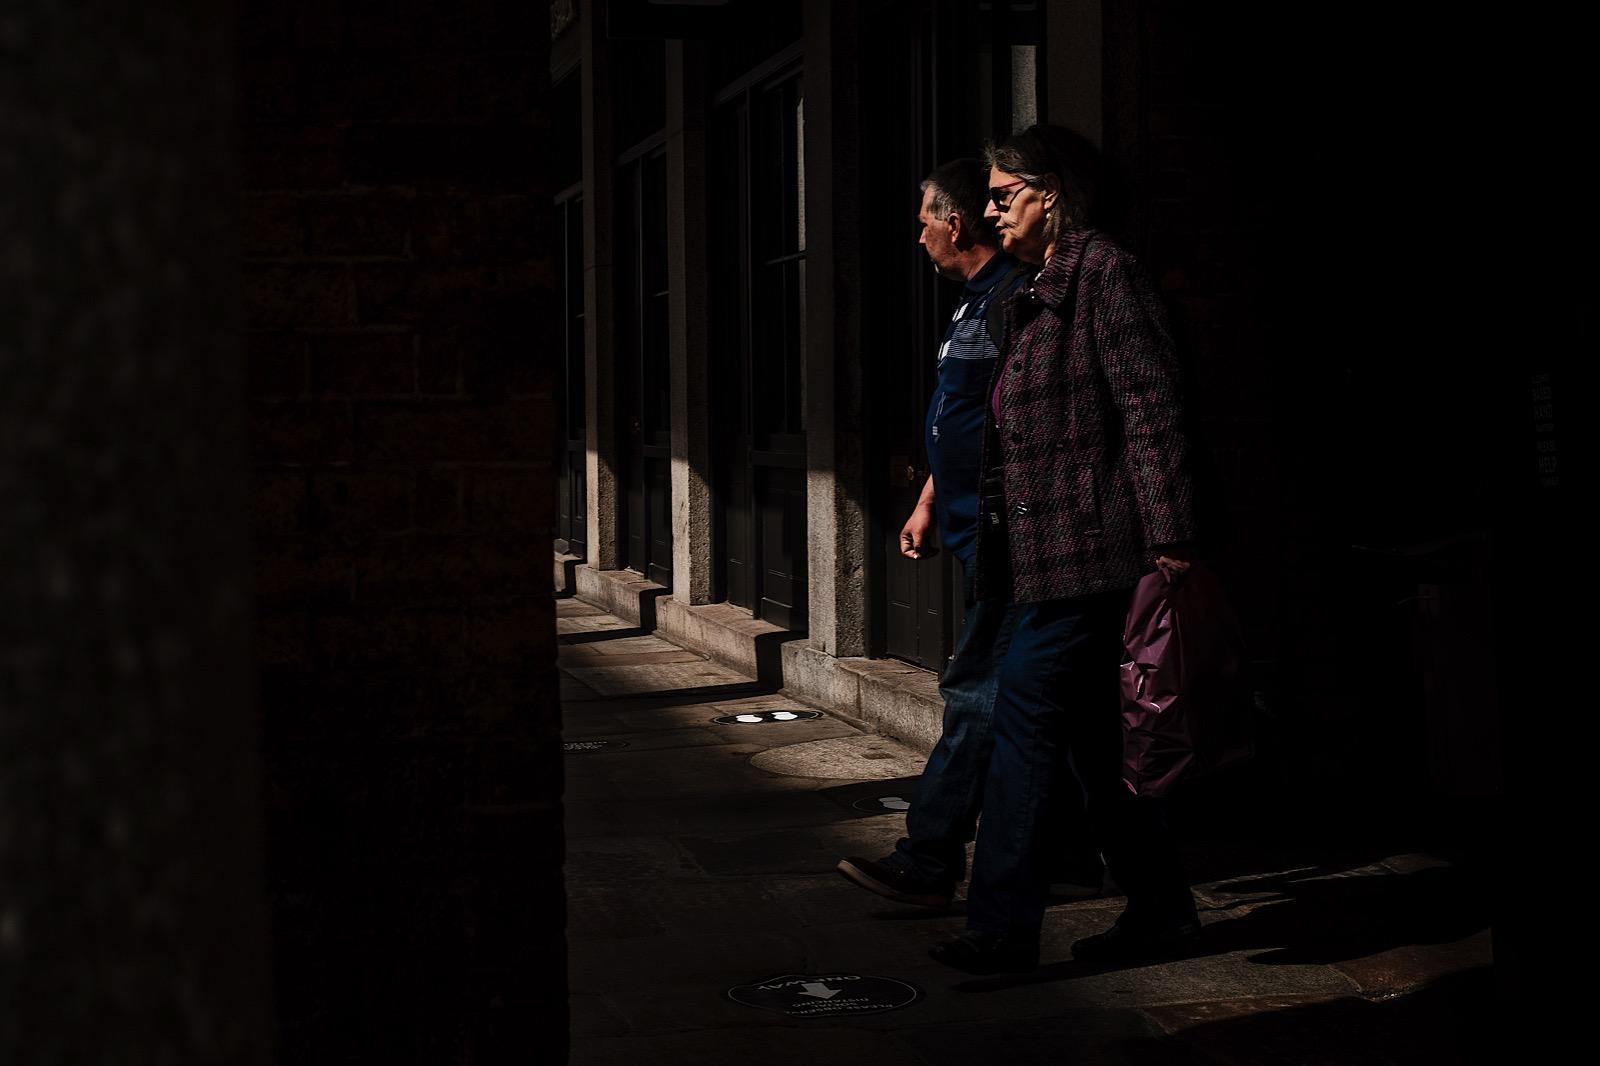 Street Portrait of couple walking in London